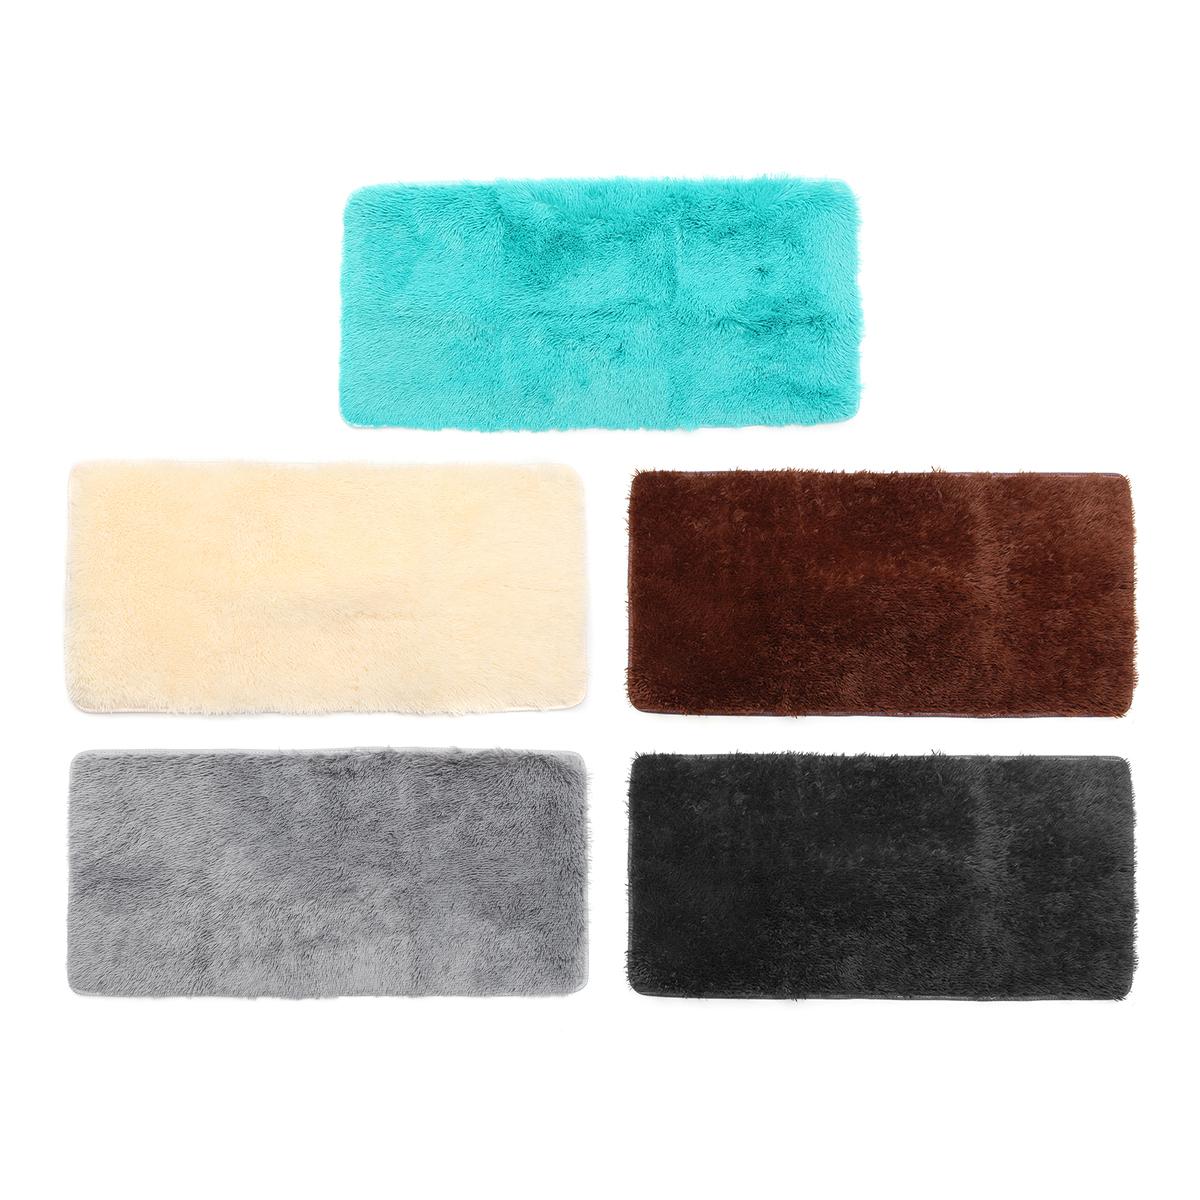 Мягкие пушистые коврики Противоскользящее мохнатое ковровое покрытие Главная Спальня Площадь пола Ковер